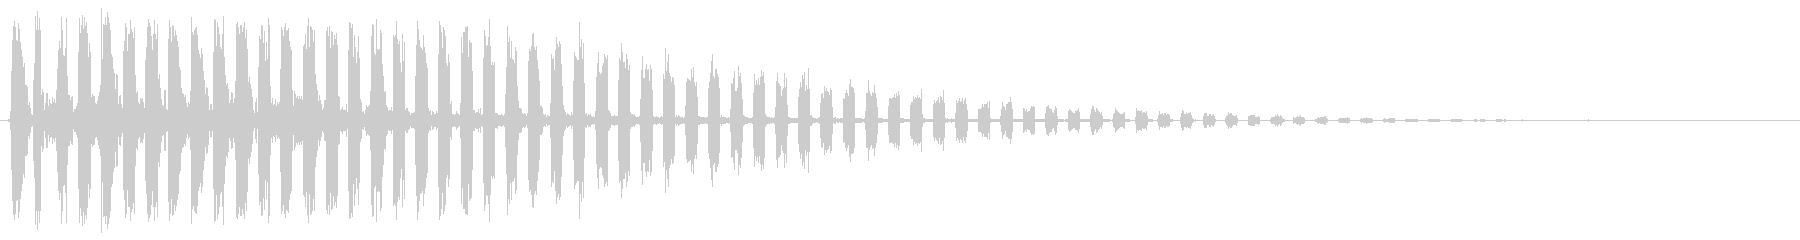 パルセーターチョップの未再生の波形